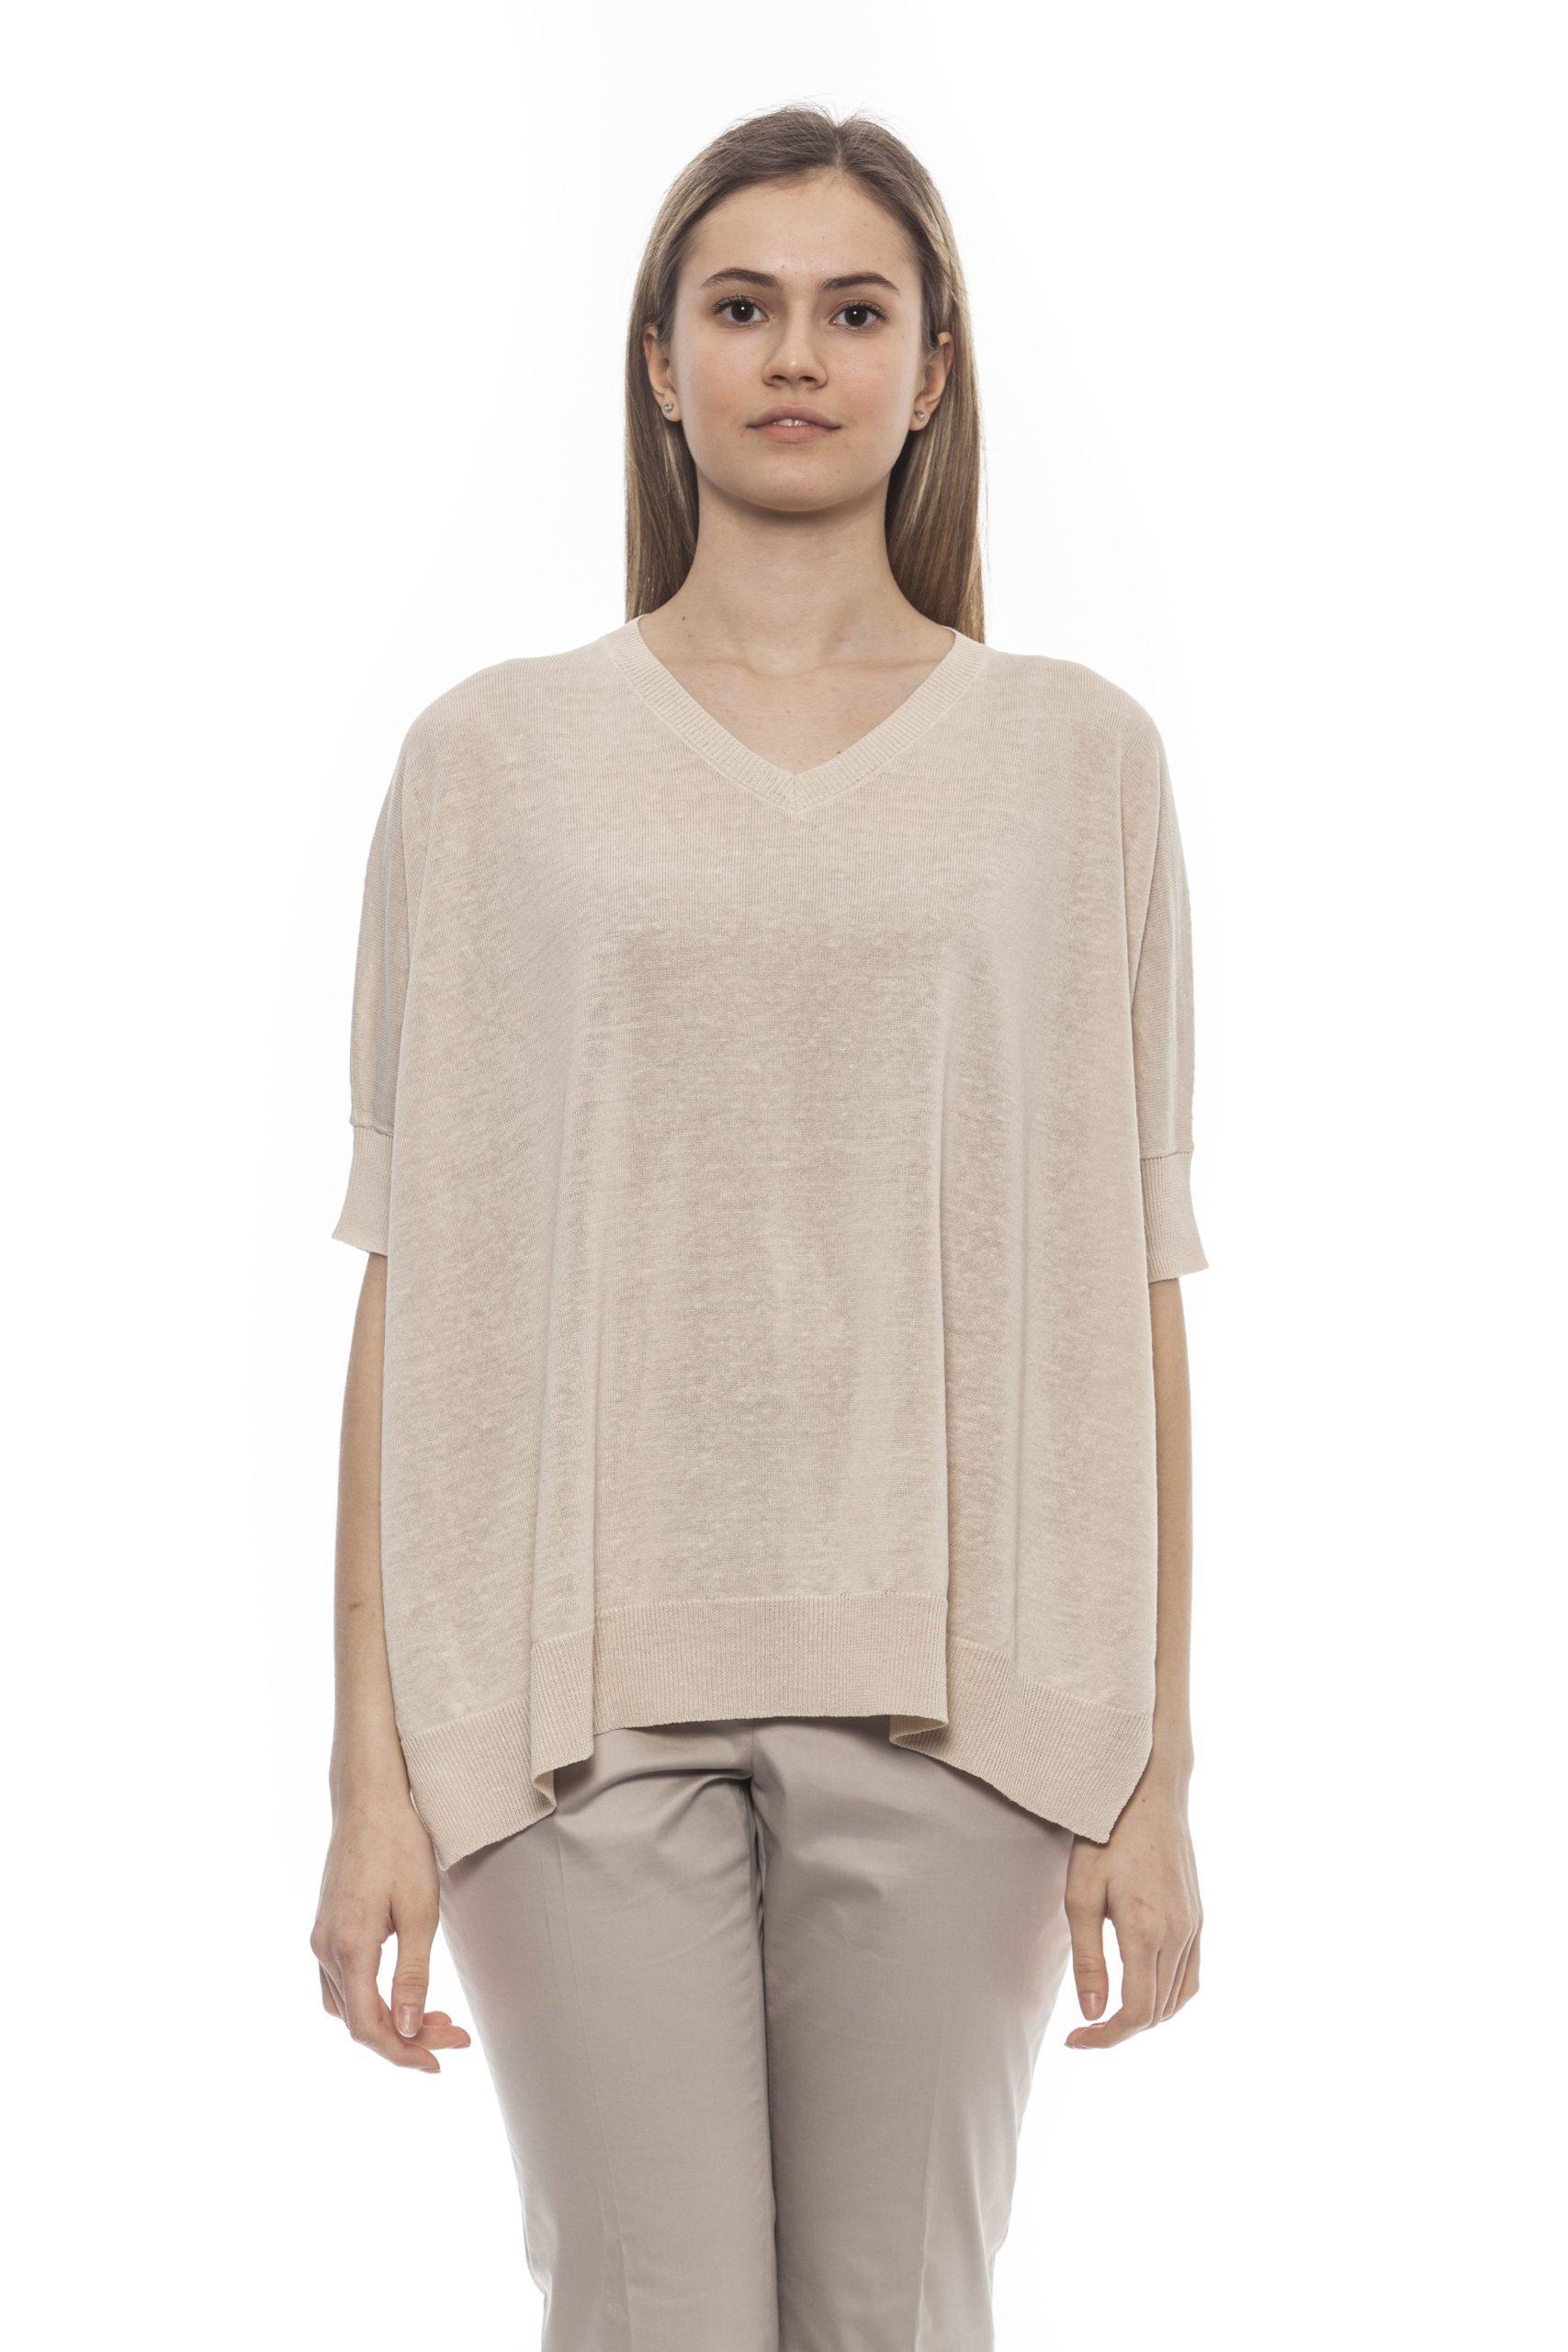 Peserico Women's Sweater Beige PE1382046 - IT42 | S